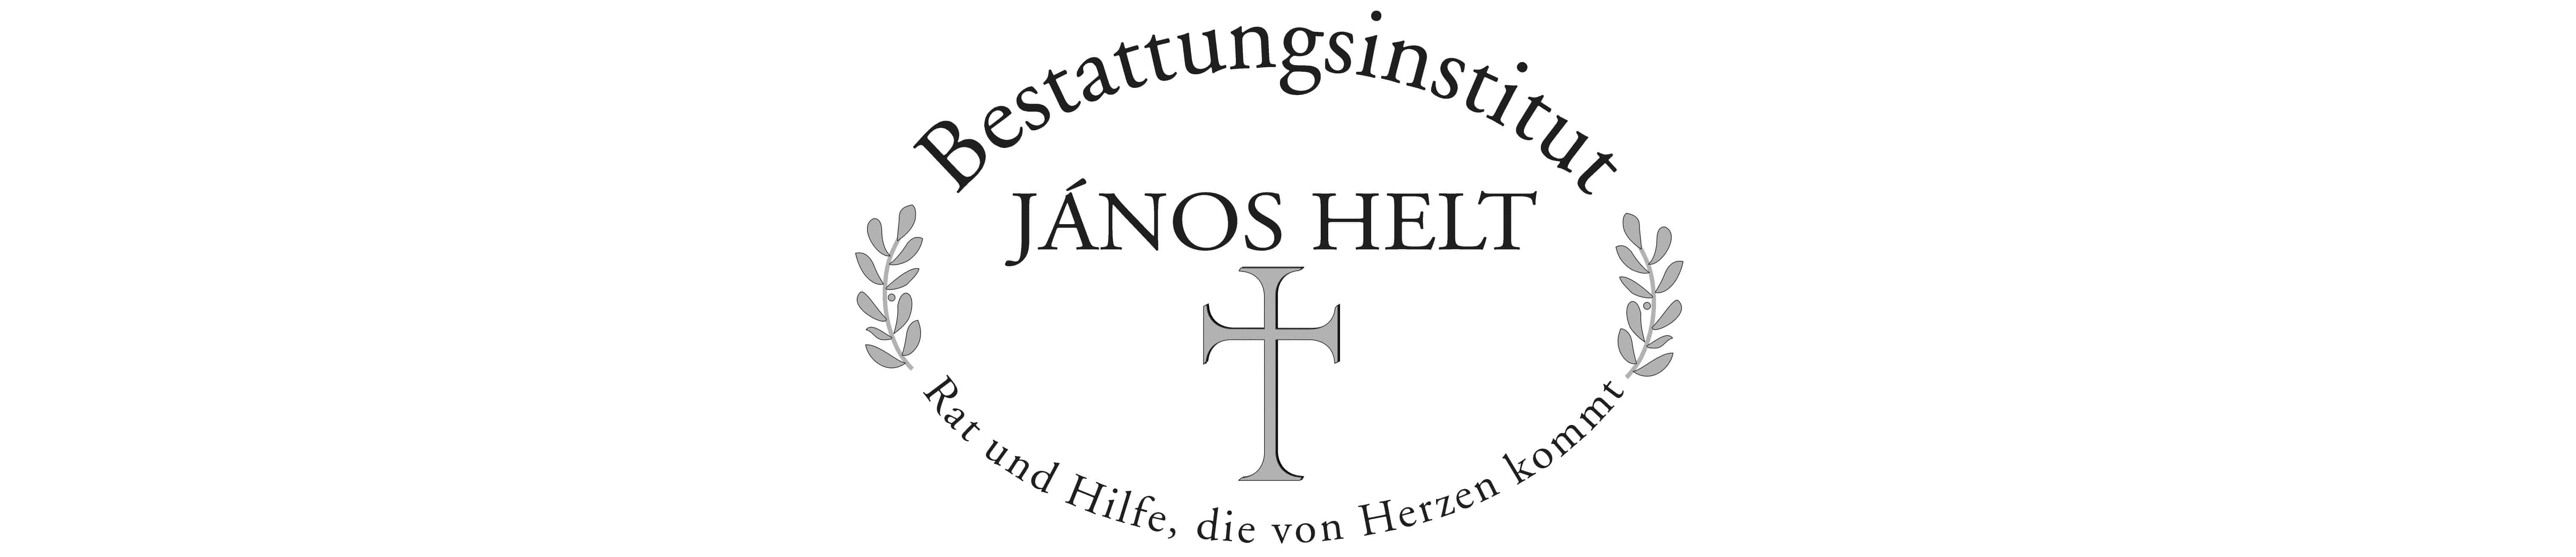 Bestattungsinstitut János Helt